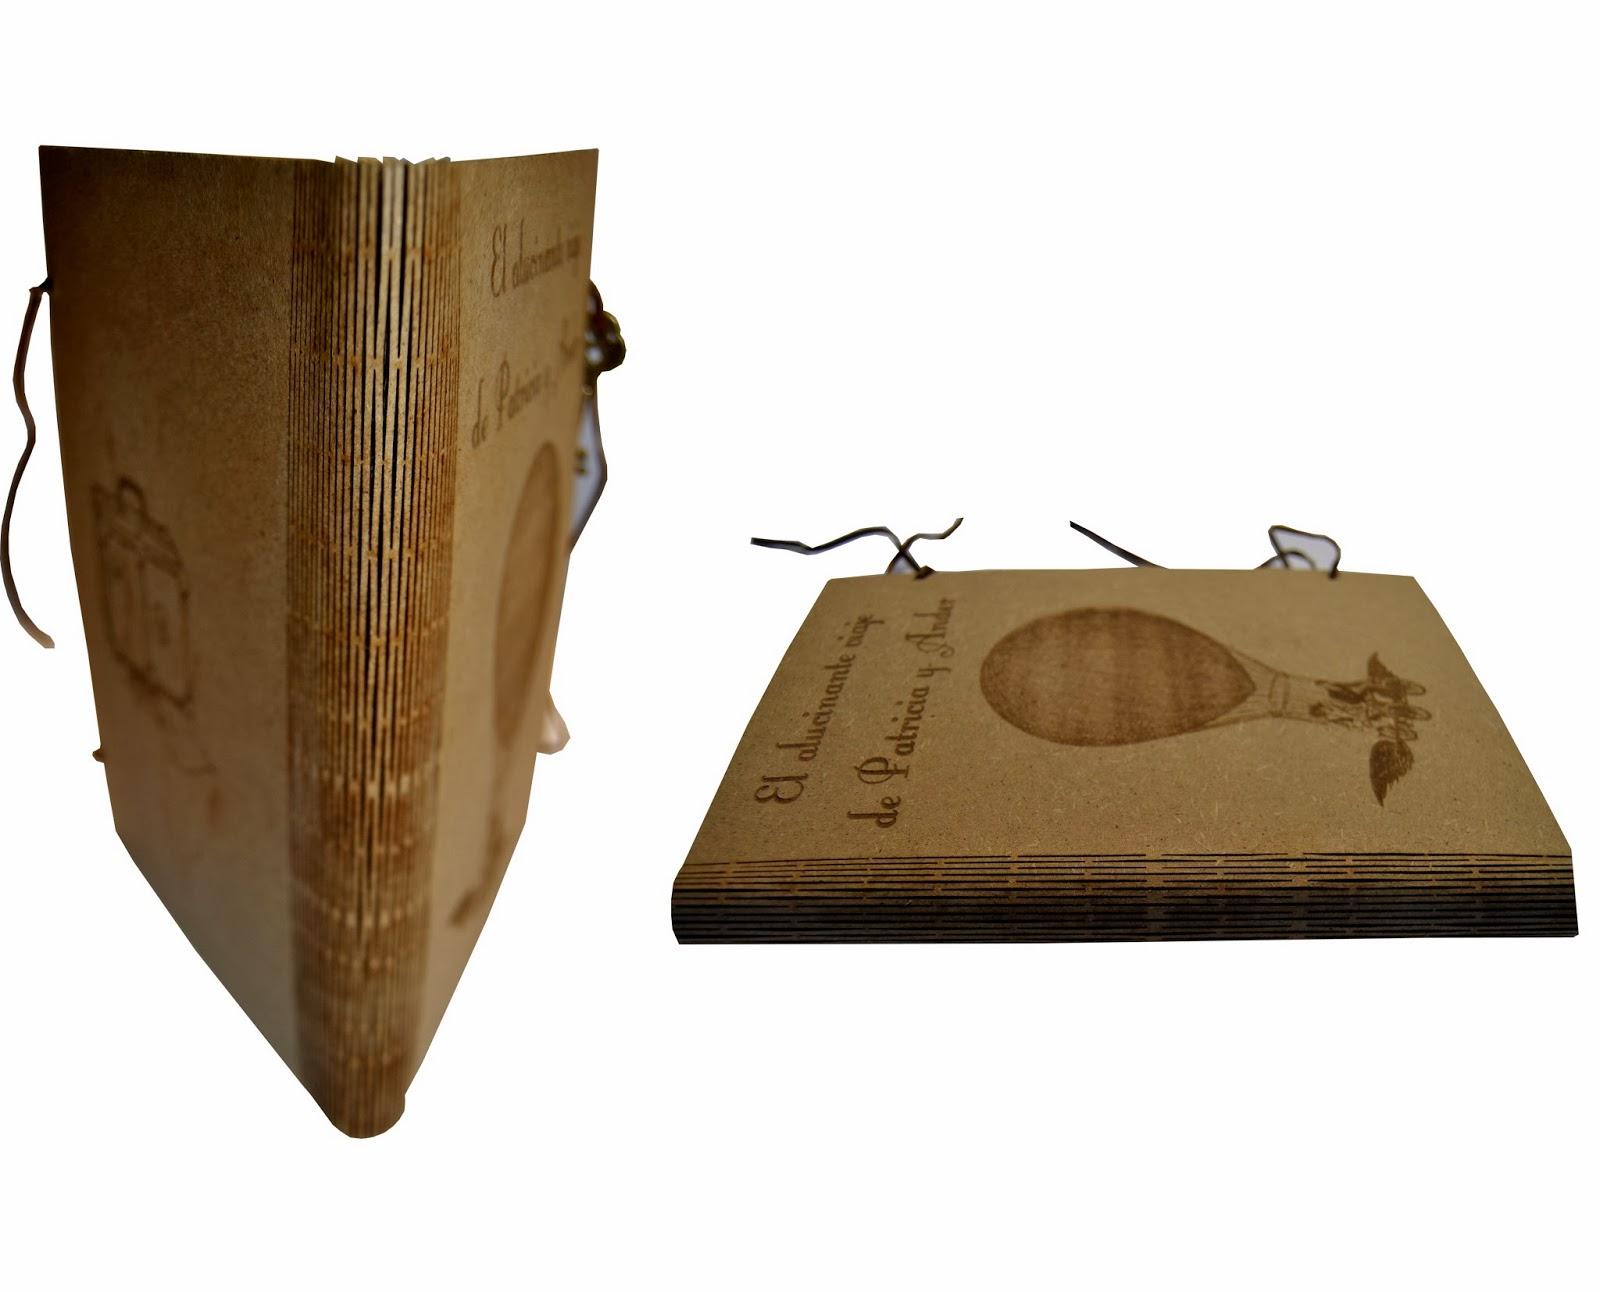 Libro encuadernado en DM con lomo articulado.